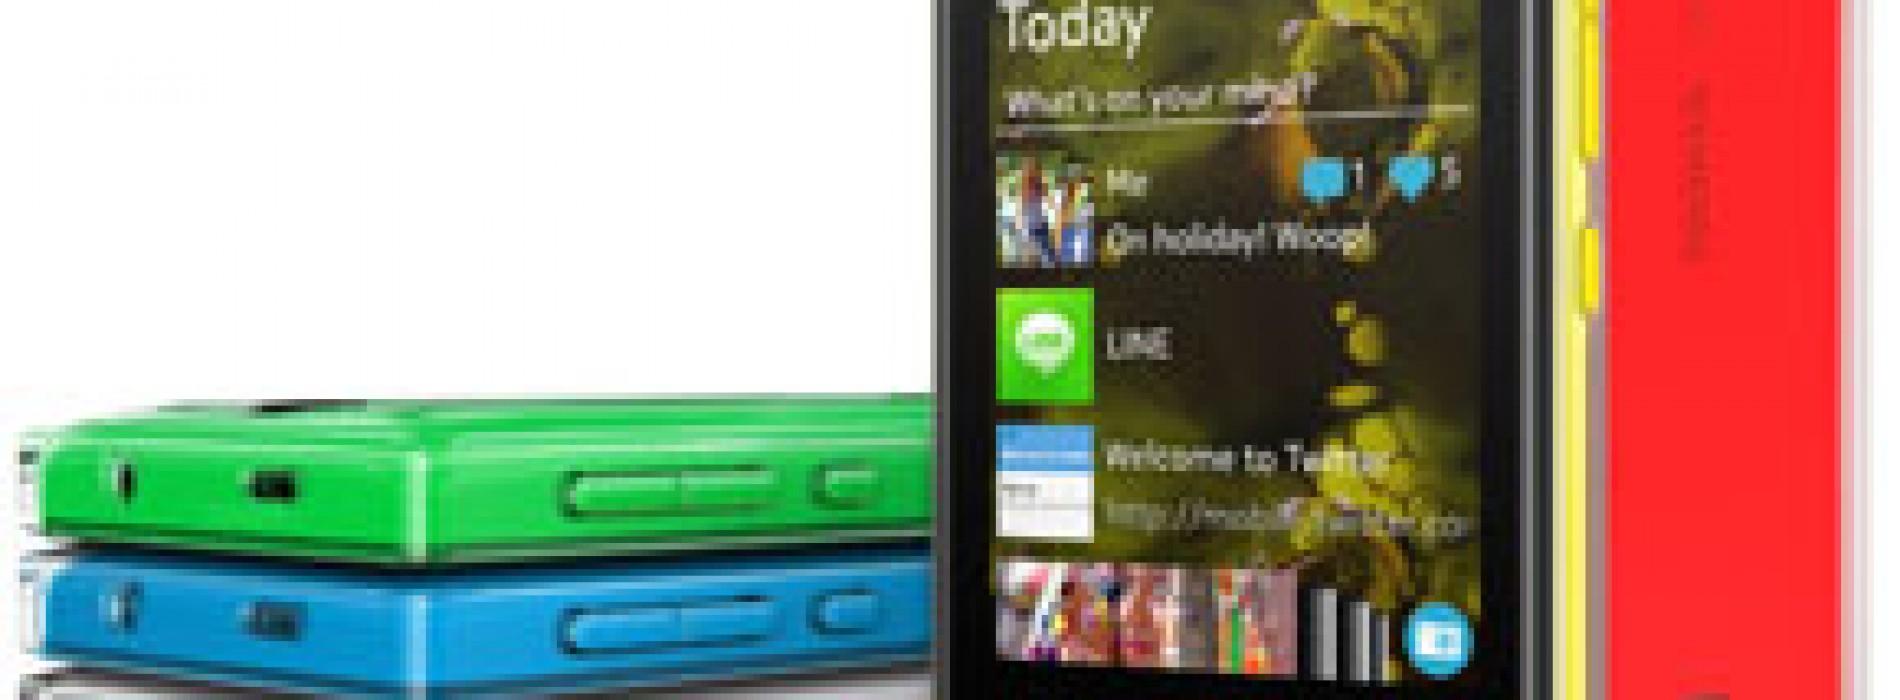 ASHA 503 el móvil de cualidades muy juveniles